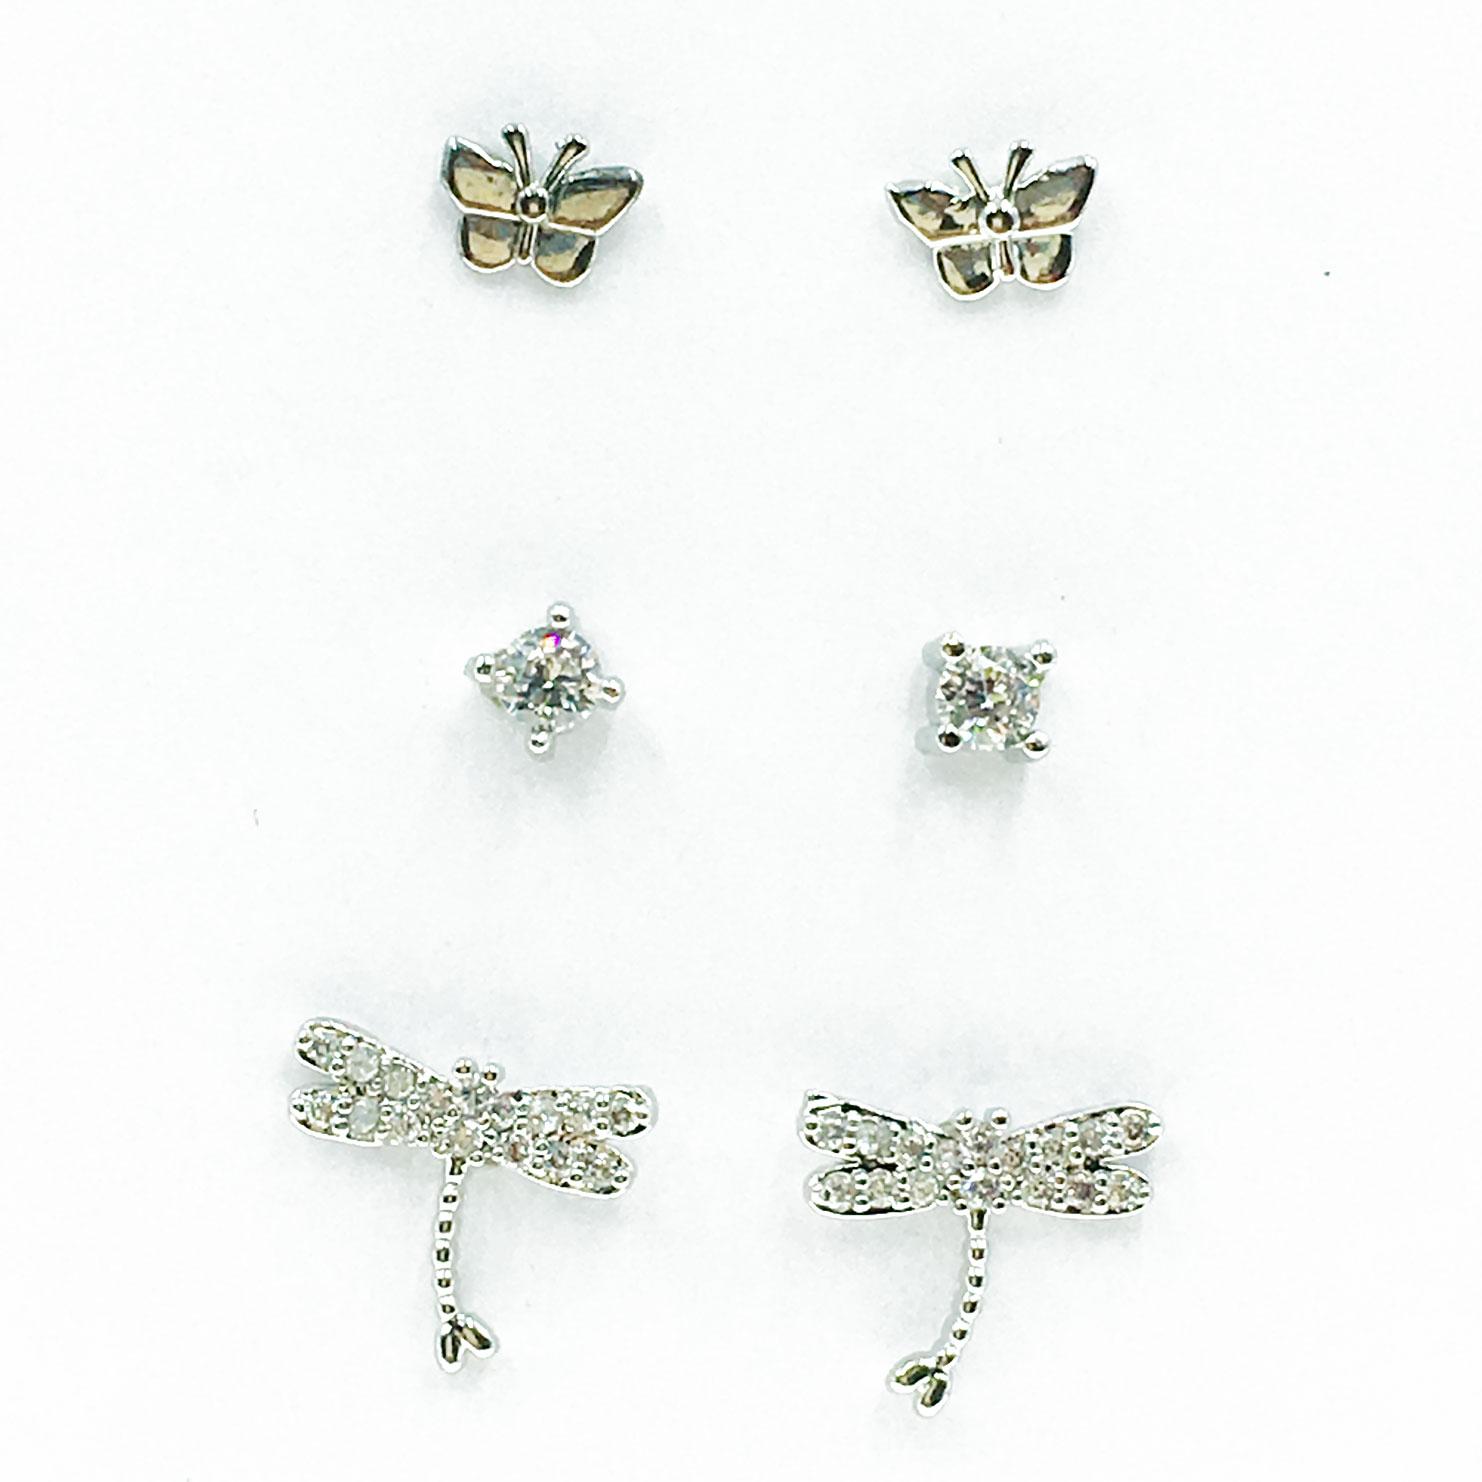 韓國 925純銀 水鑽 蝴蝶 蜻蜓 6入組 耳針式 耳環